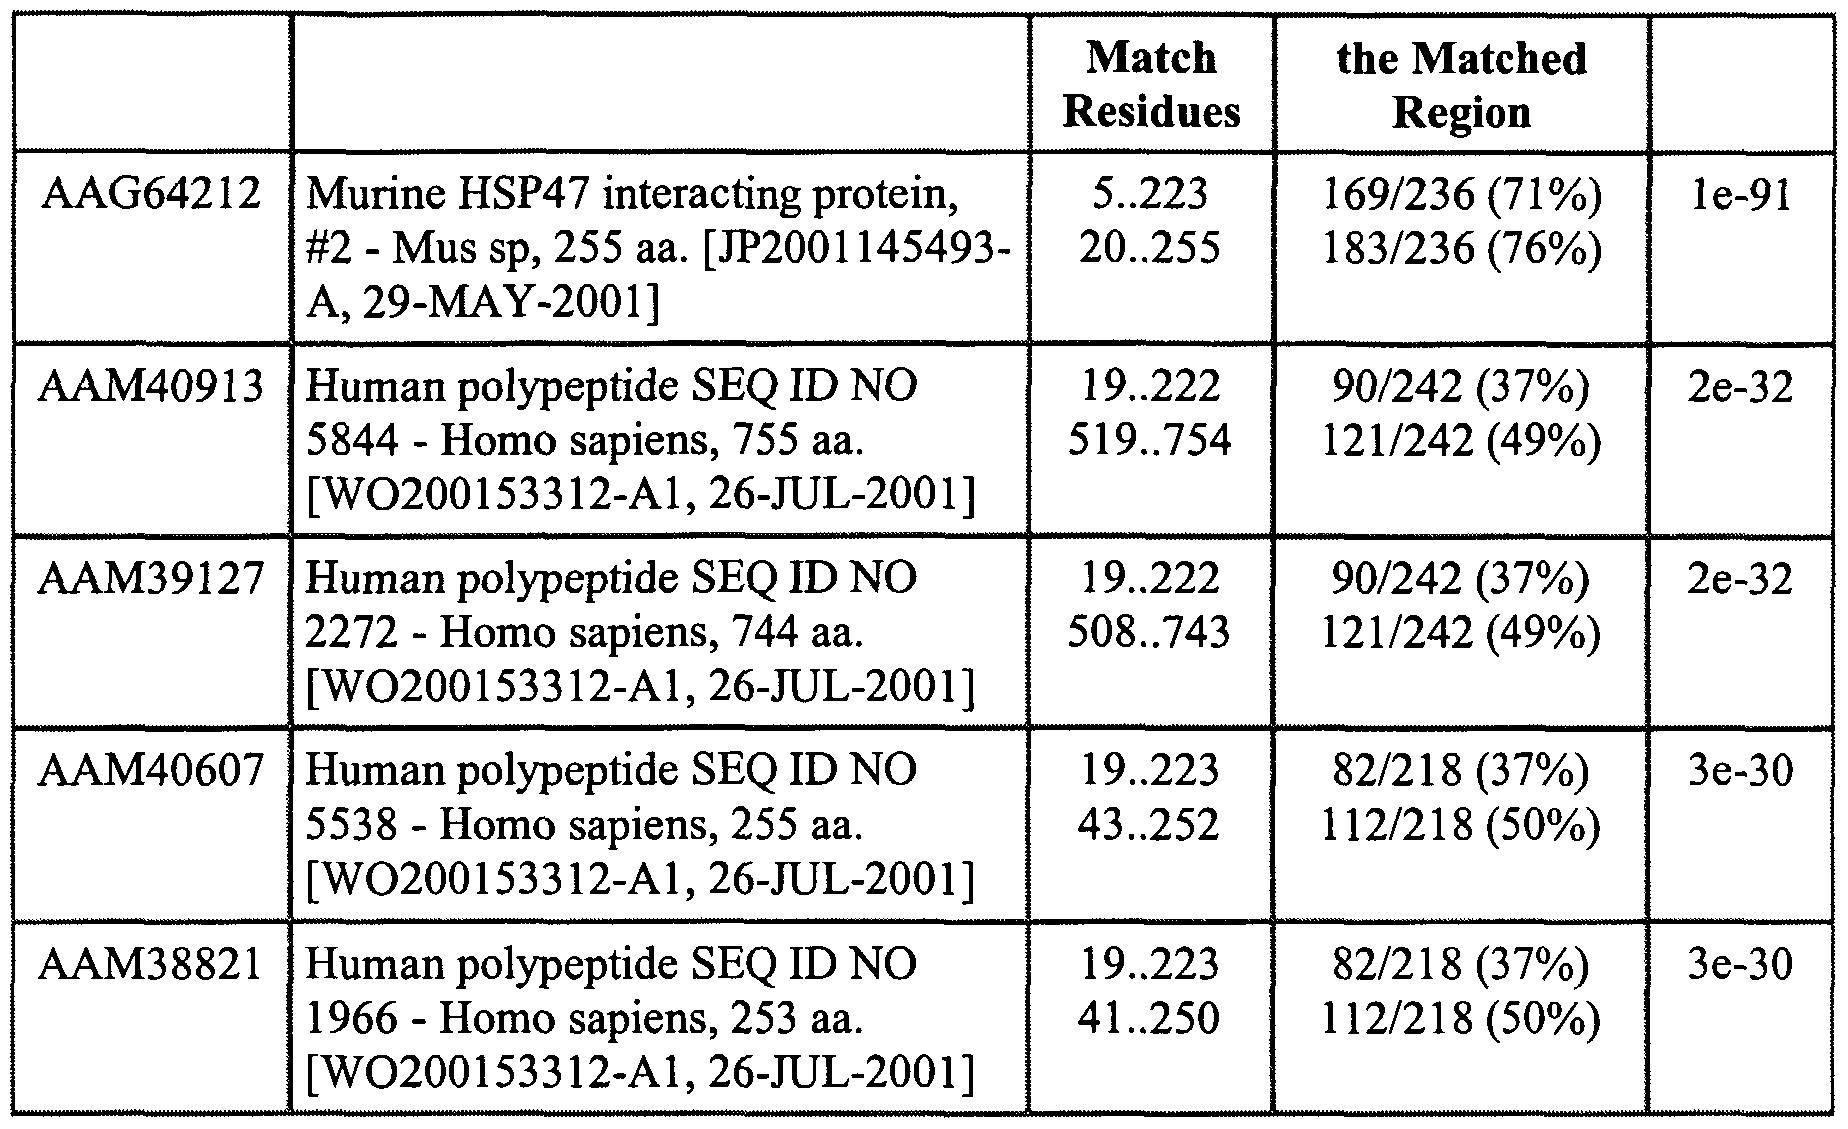 patentimages storage googleapis com/99/52/e2/e4fd5